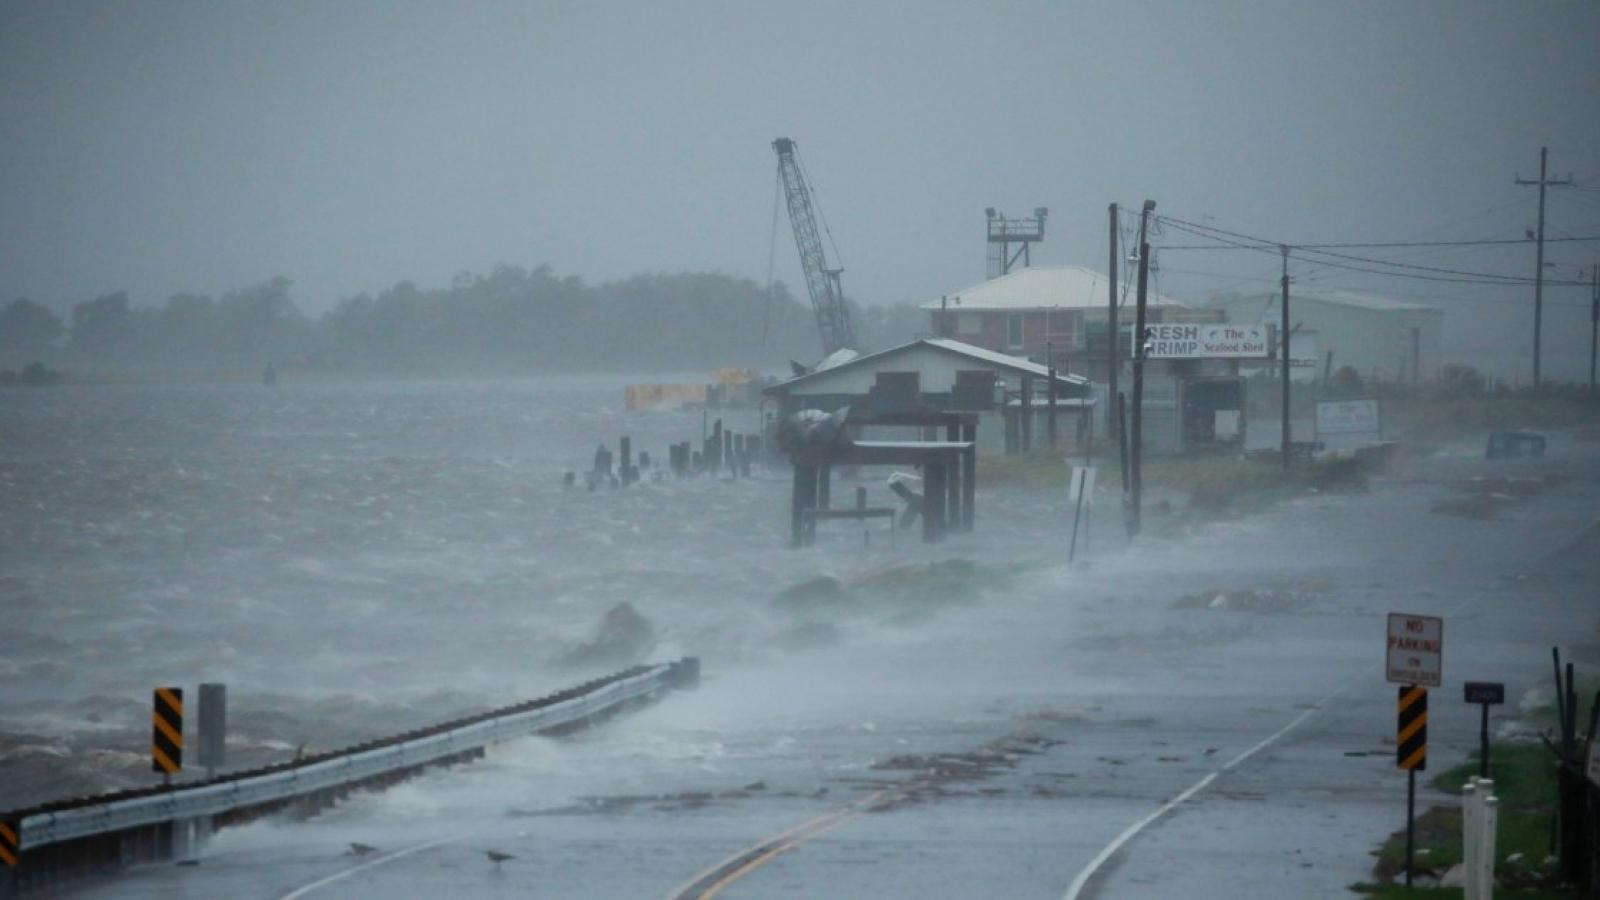 Nhà Trắng yêu cầu Quốc hội phê duyệt ngân sách 24 tỷ USDhỗ trợ khắc phục thảm họa